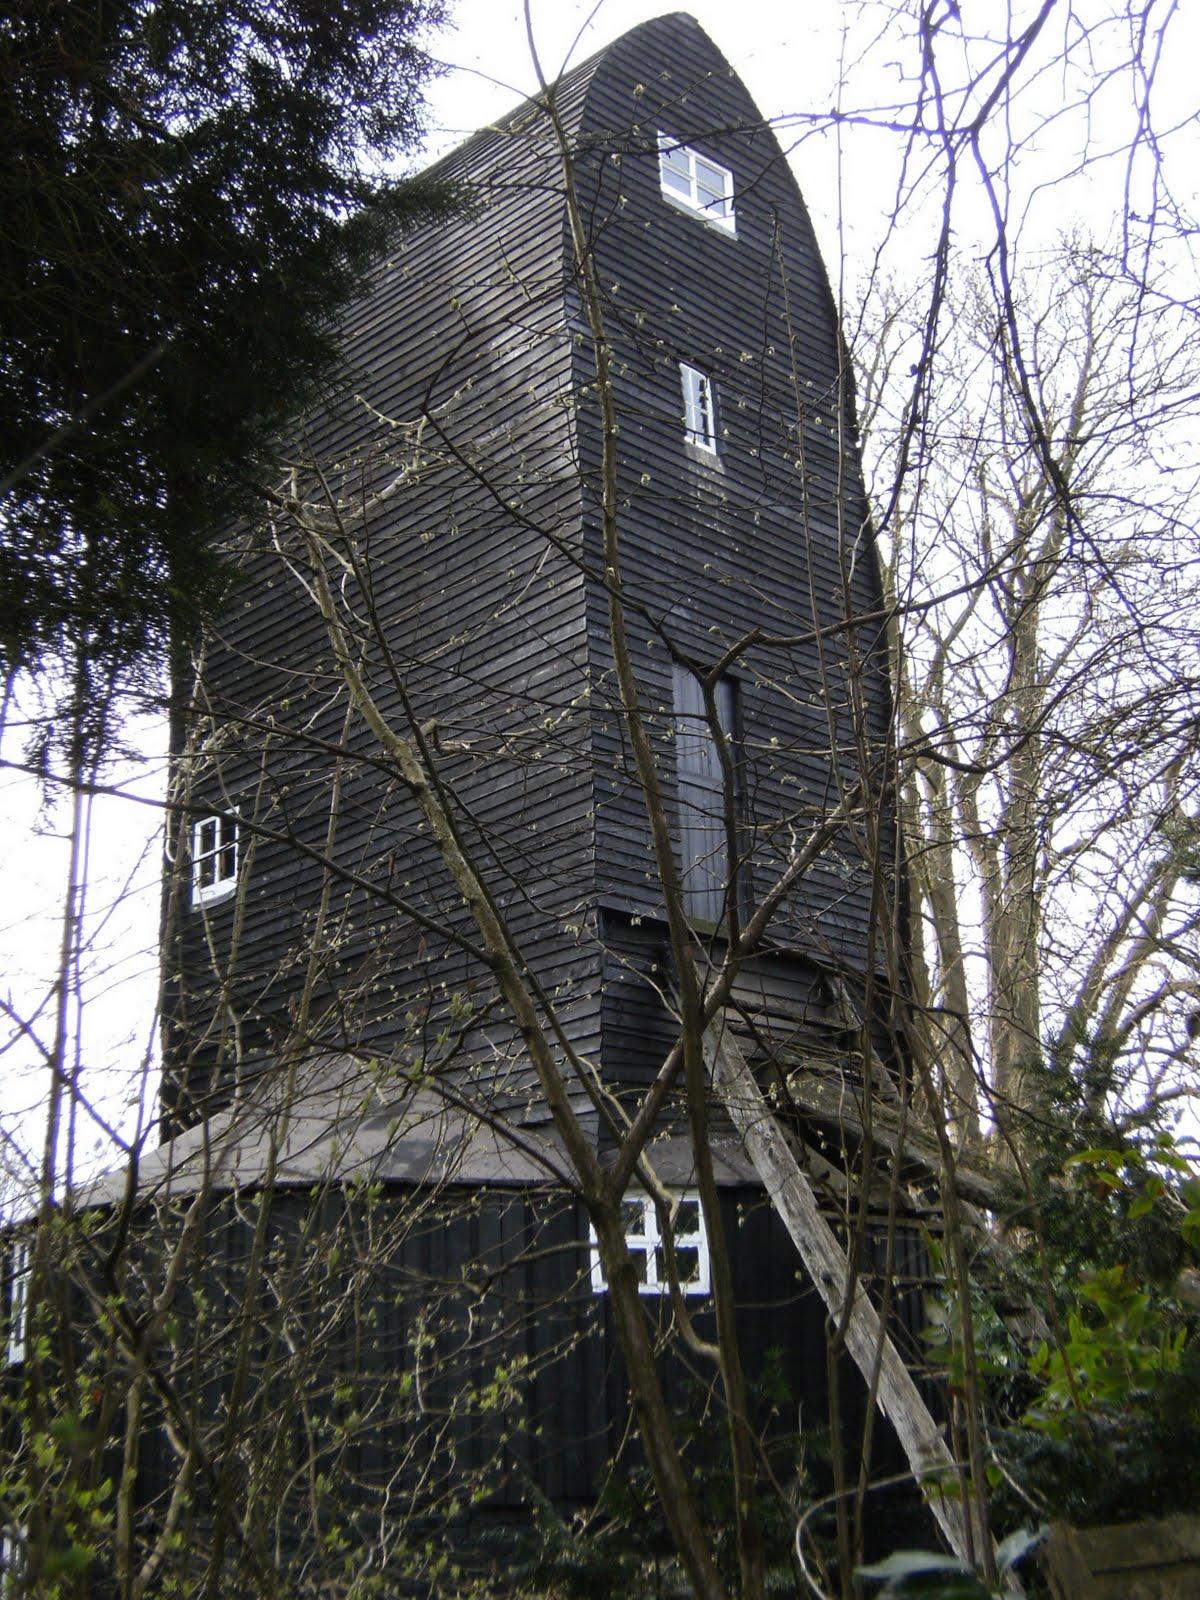 1004060001 Tadworth Windmill